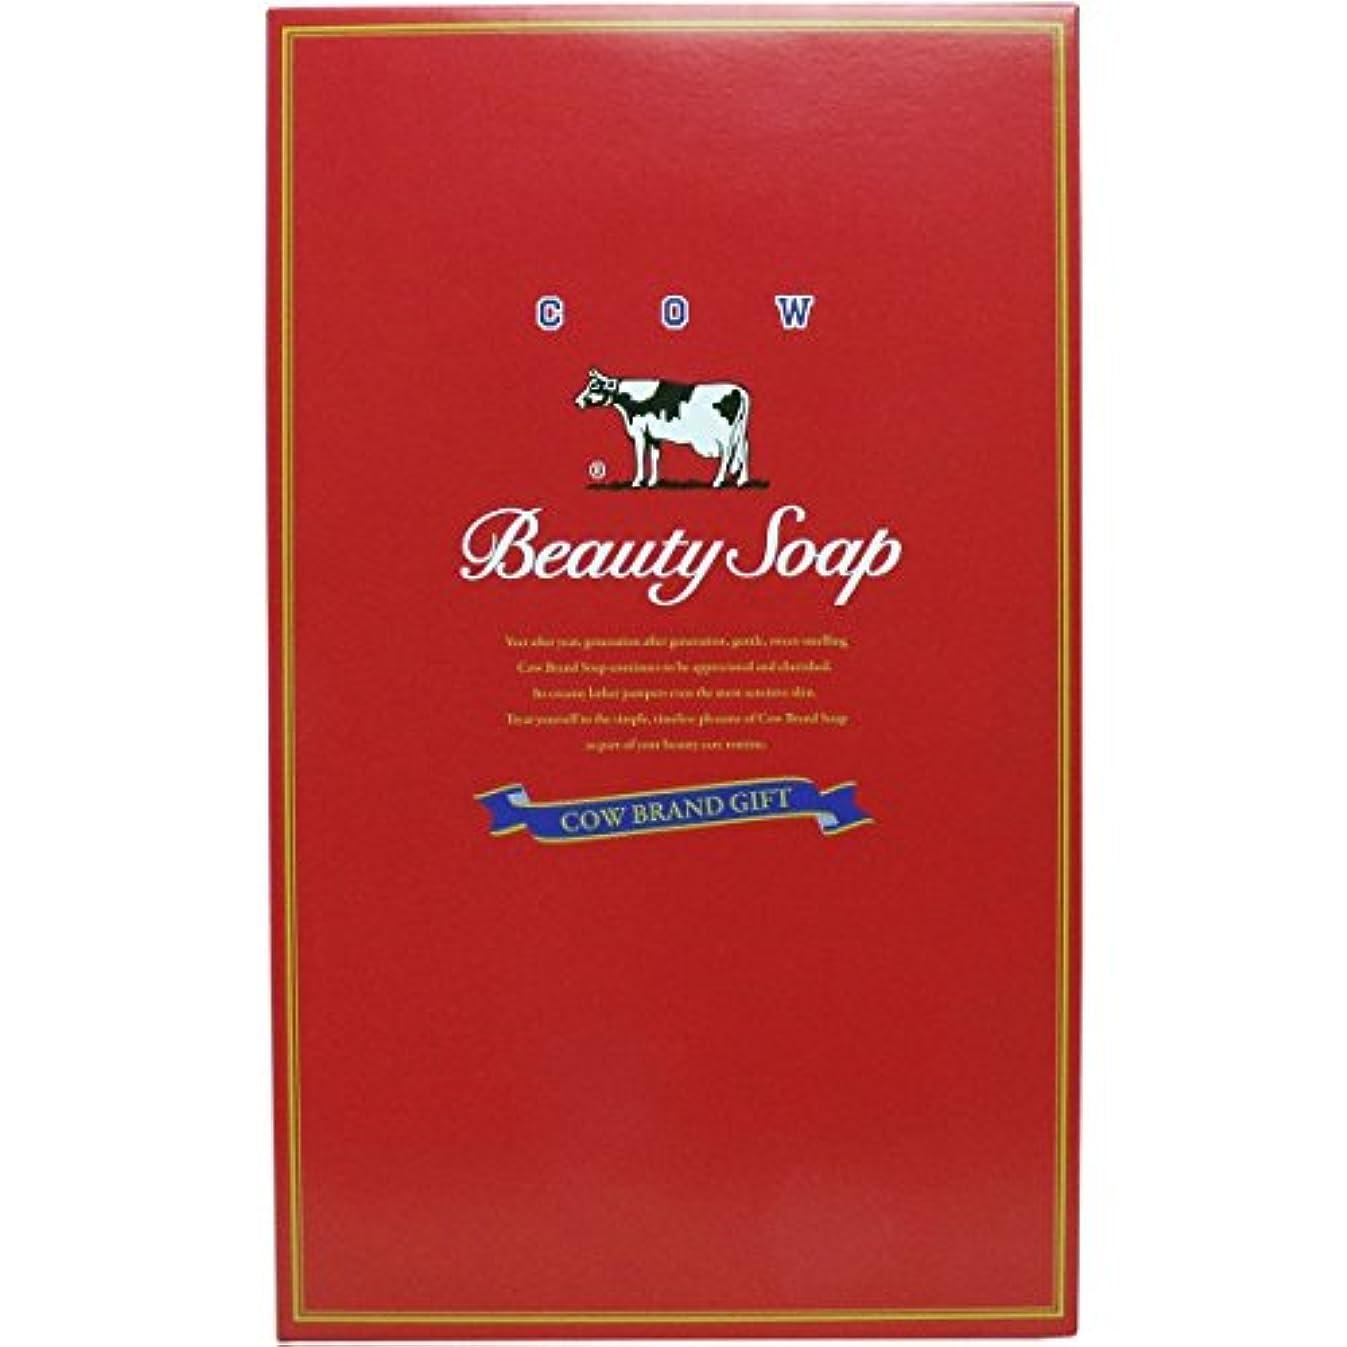 前売ベリーブラウス牛乳石鹸共進社 カウブランド石鹸 赤箱 100g×10個×16箱